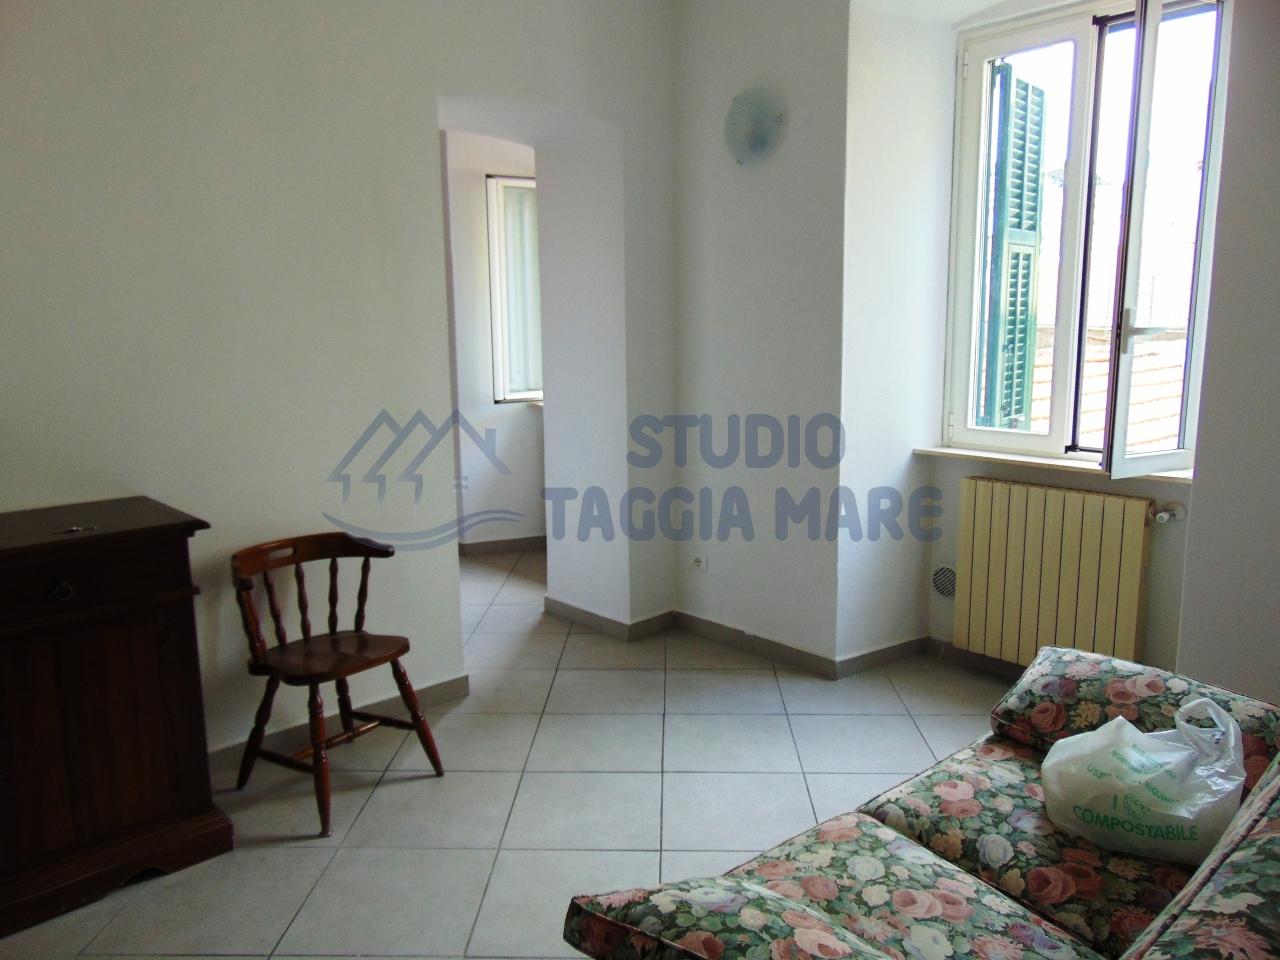 Appartamento in vendita a SanRemo, 4 locali, prezzo € 145.000 | CambioCasa.it